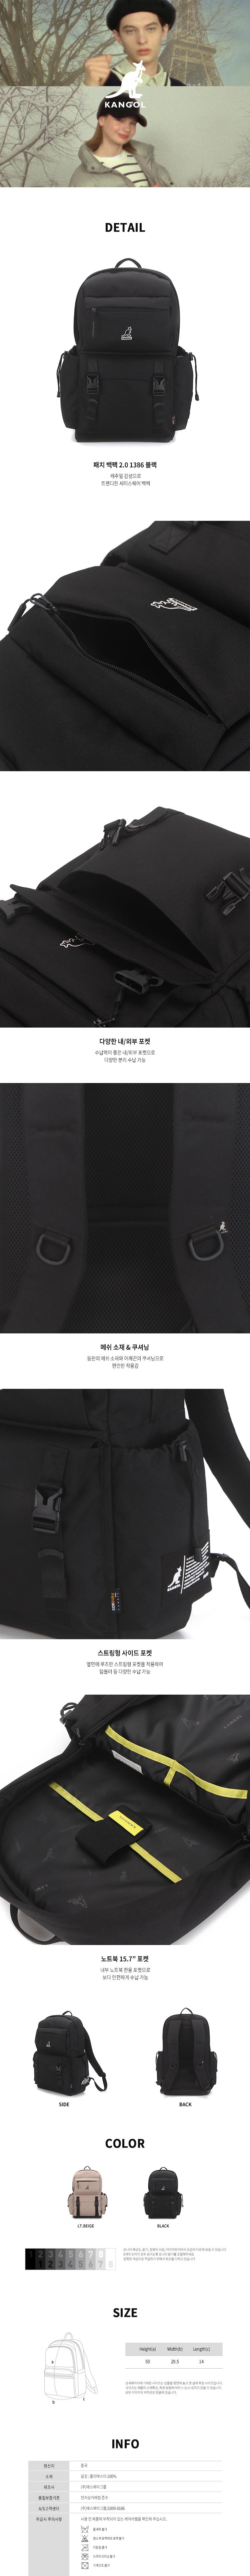 패치 백팩 2.0 1386 블랙